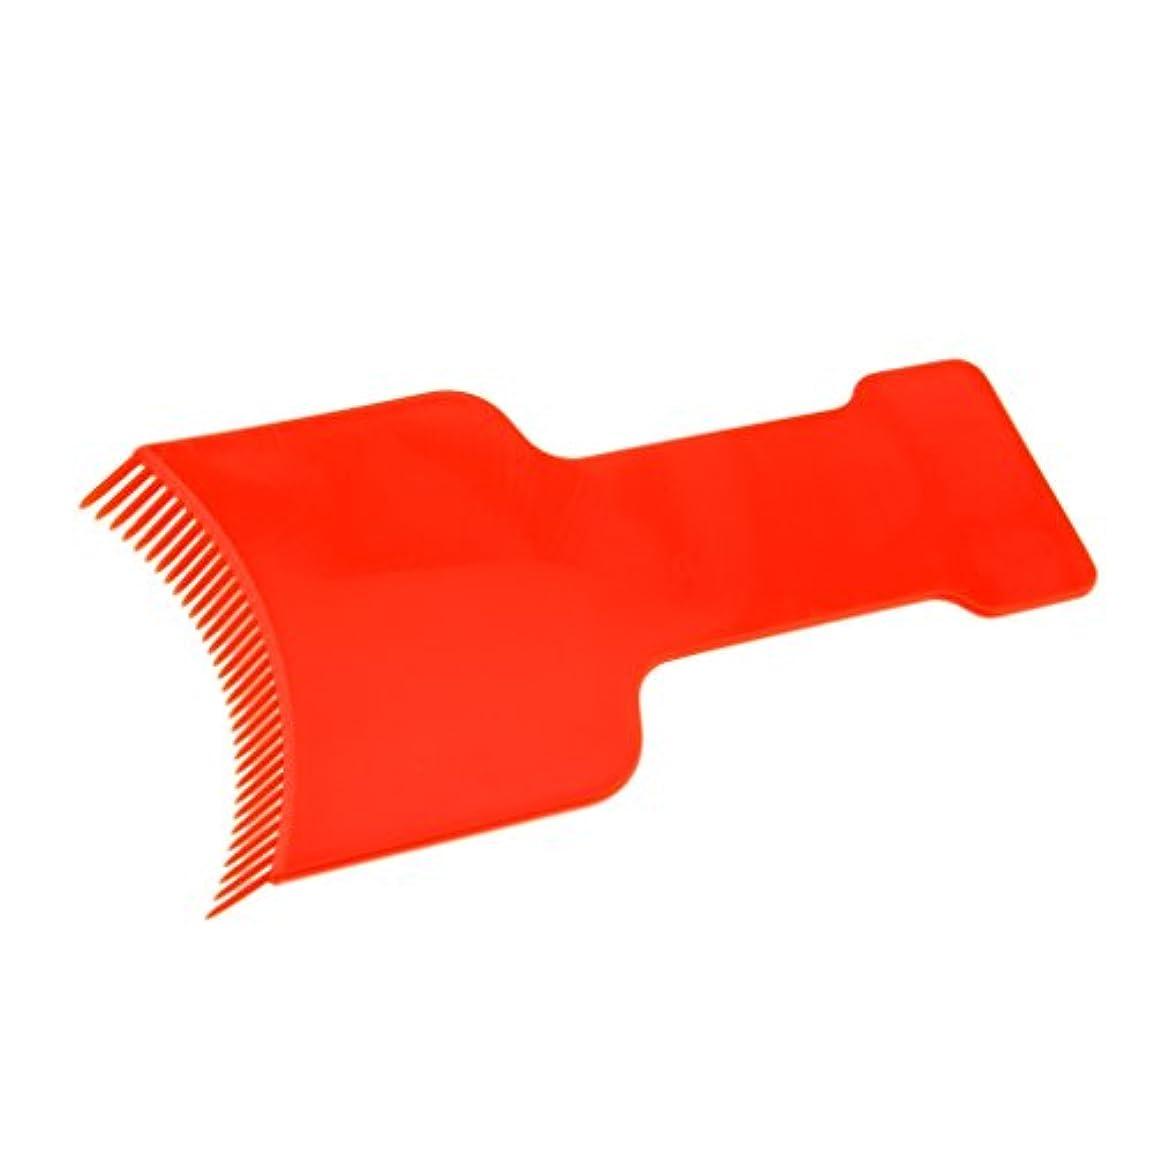 すごいマーティンルーサーキングジュニアに対応するヘアダイコーム ヘアダイブラシ 染色ボード 理髪店 美容院 アクセサリー 便利